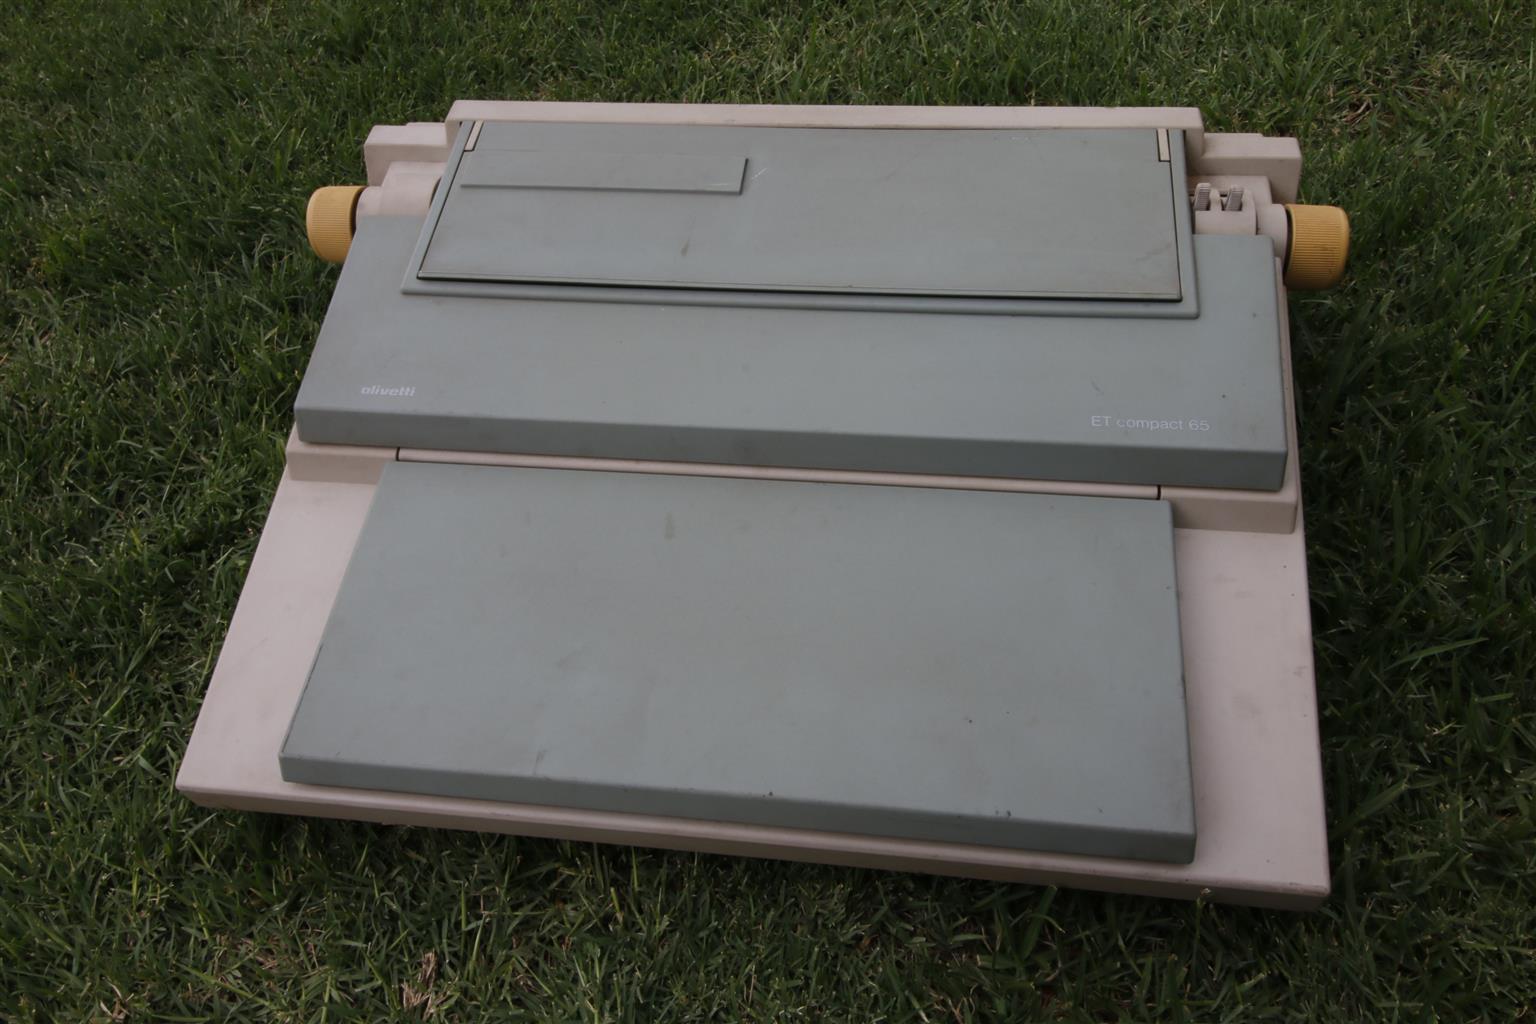 Electronic typewriter, Olivetti ETCompact65